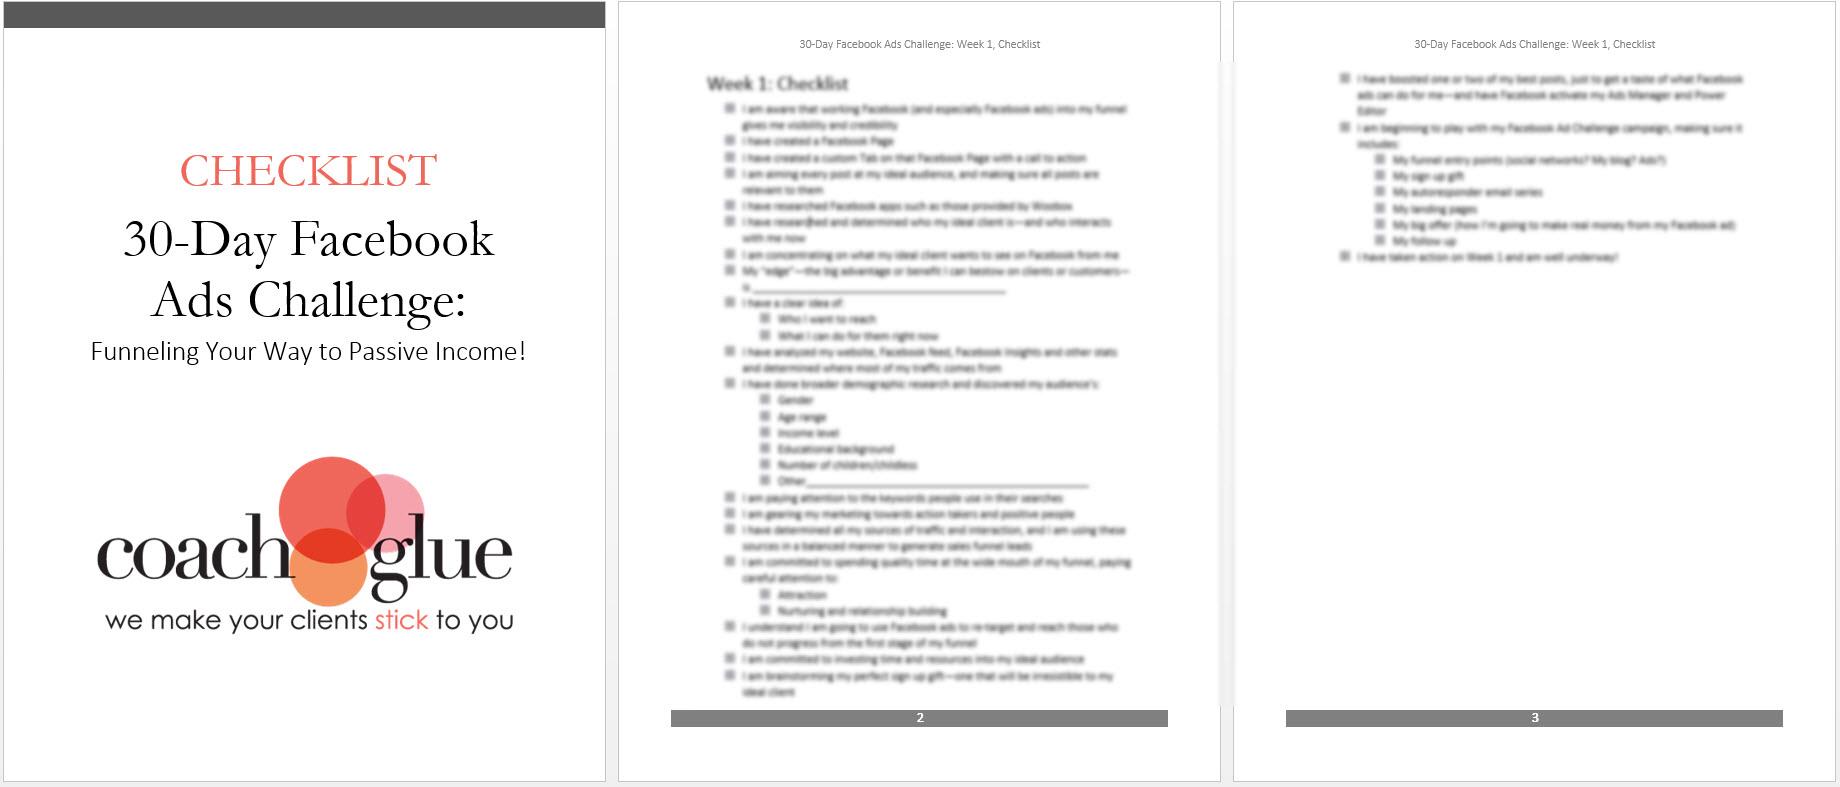 week 1 checklist